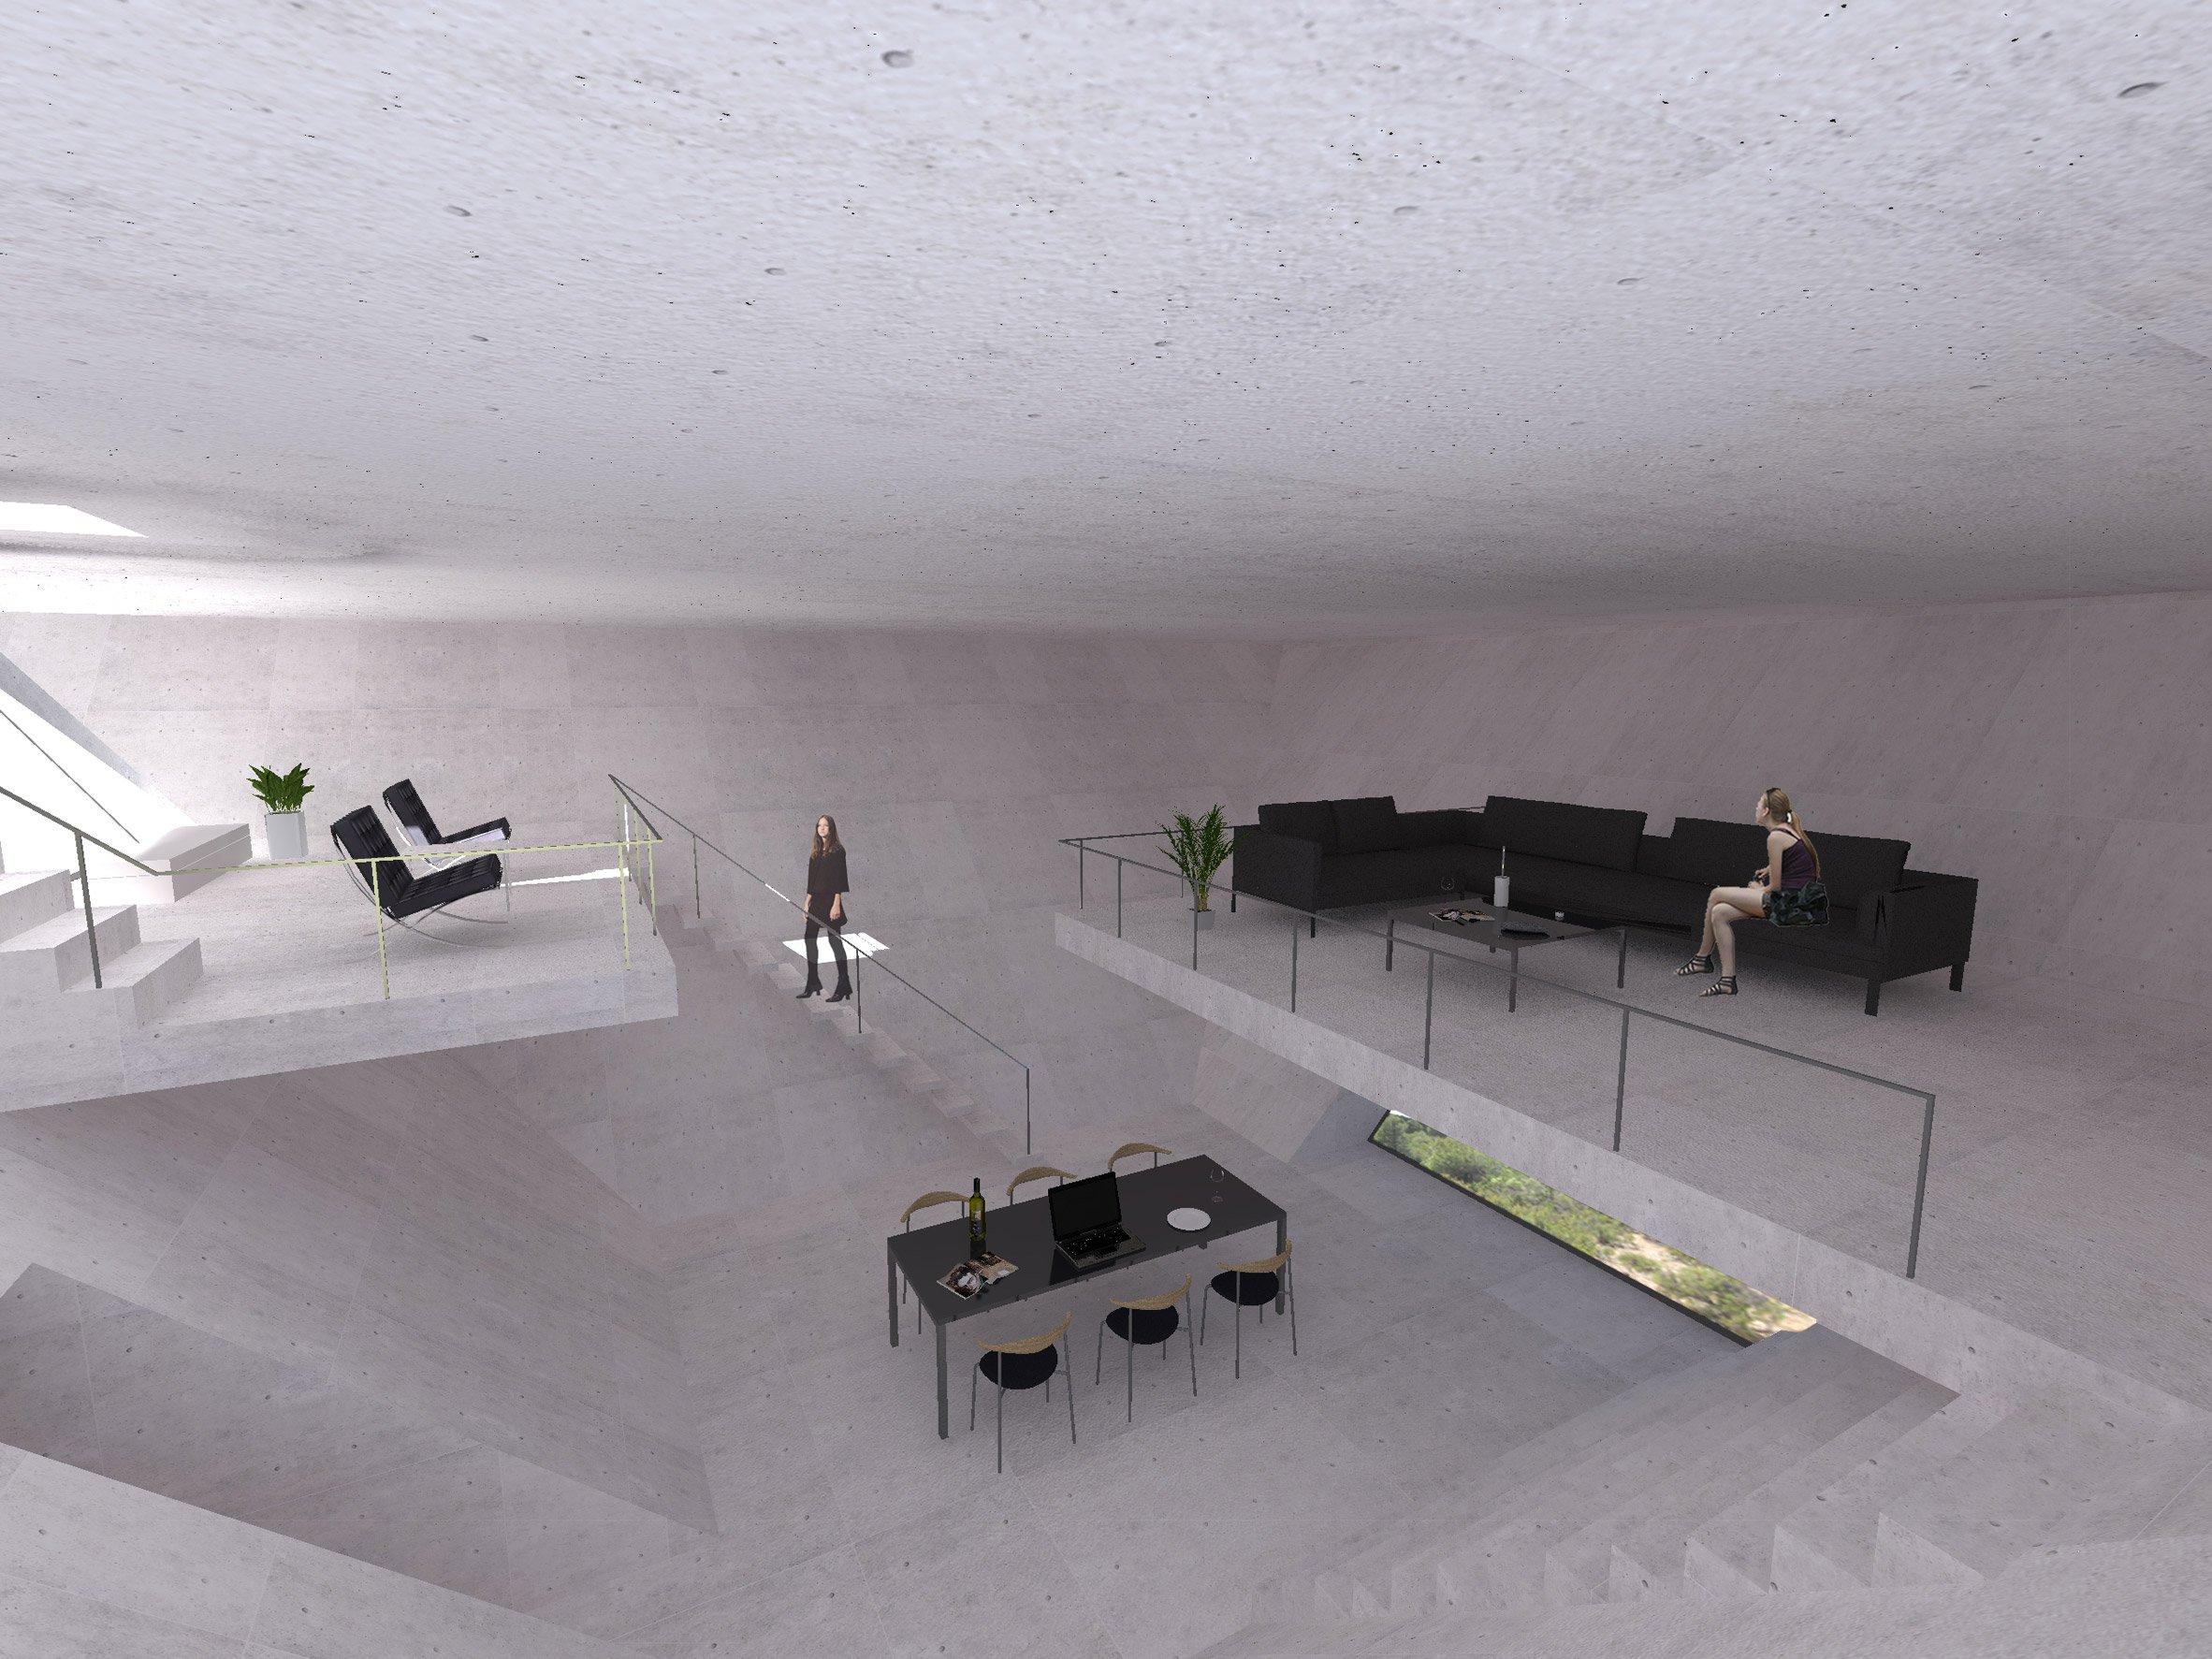 solo-house-tna-architects-tokyo-concrete-pyramid-architecture_dezeen_2364_col_4